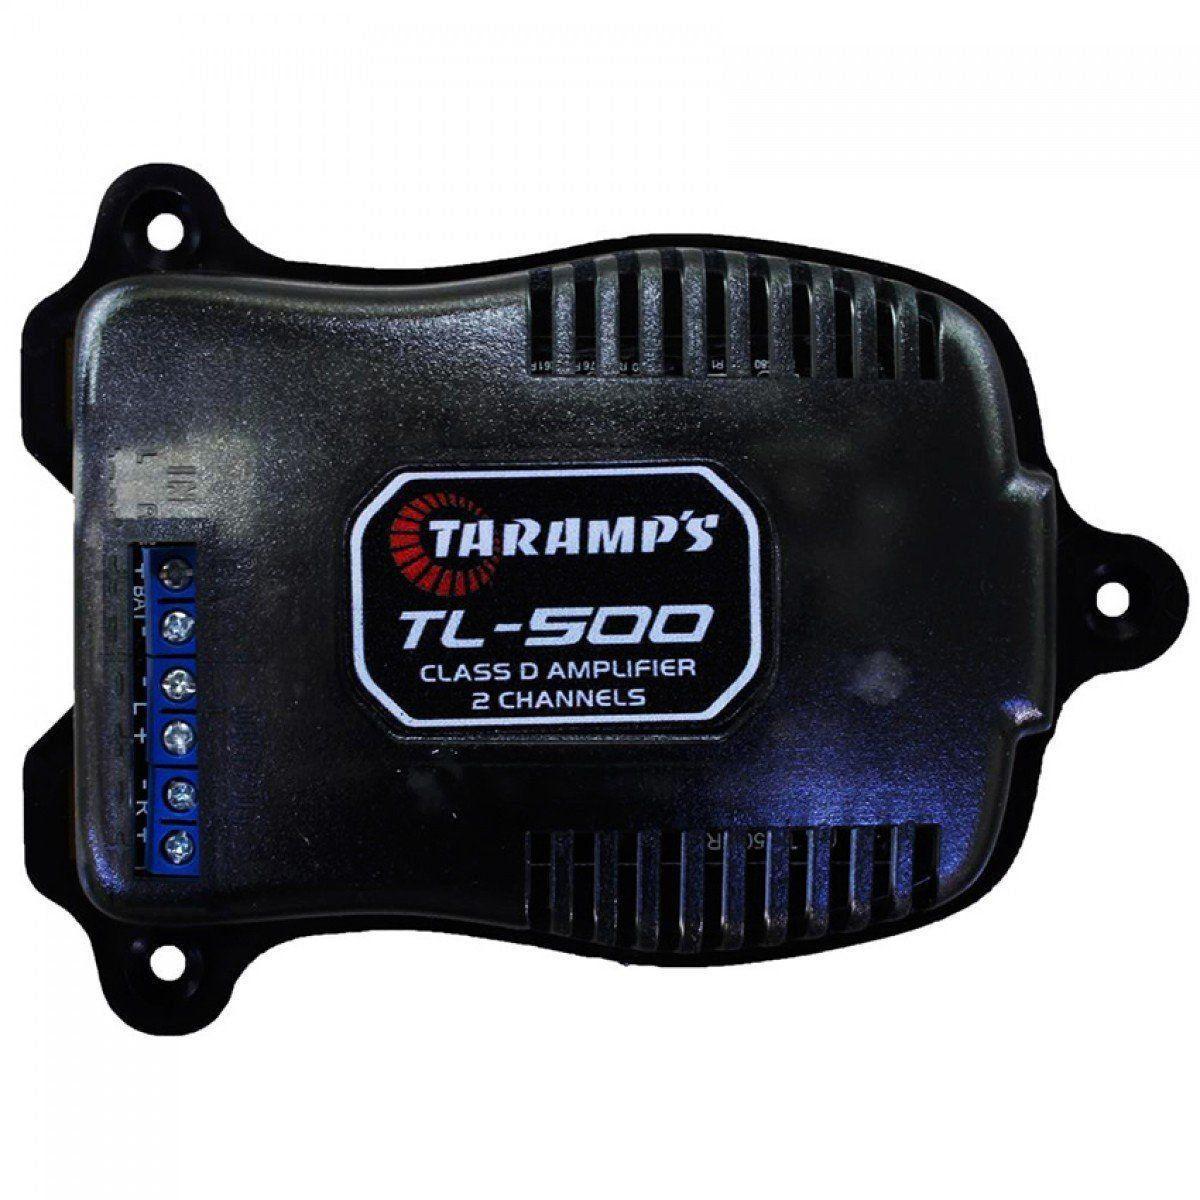 Modulo Amplificador Potencia Taramps Tl 500 Stereo 2 Canais